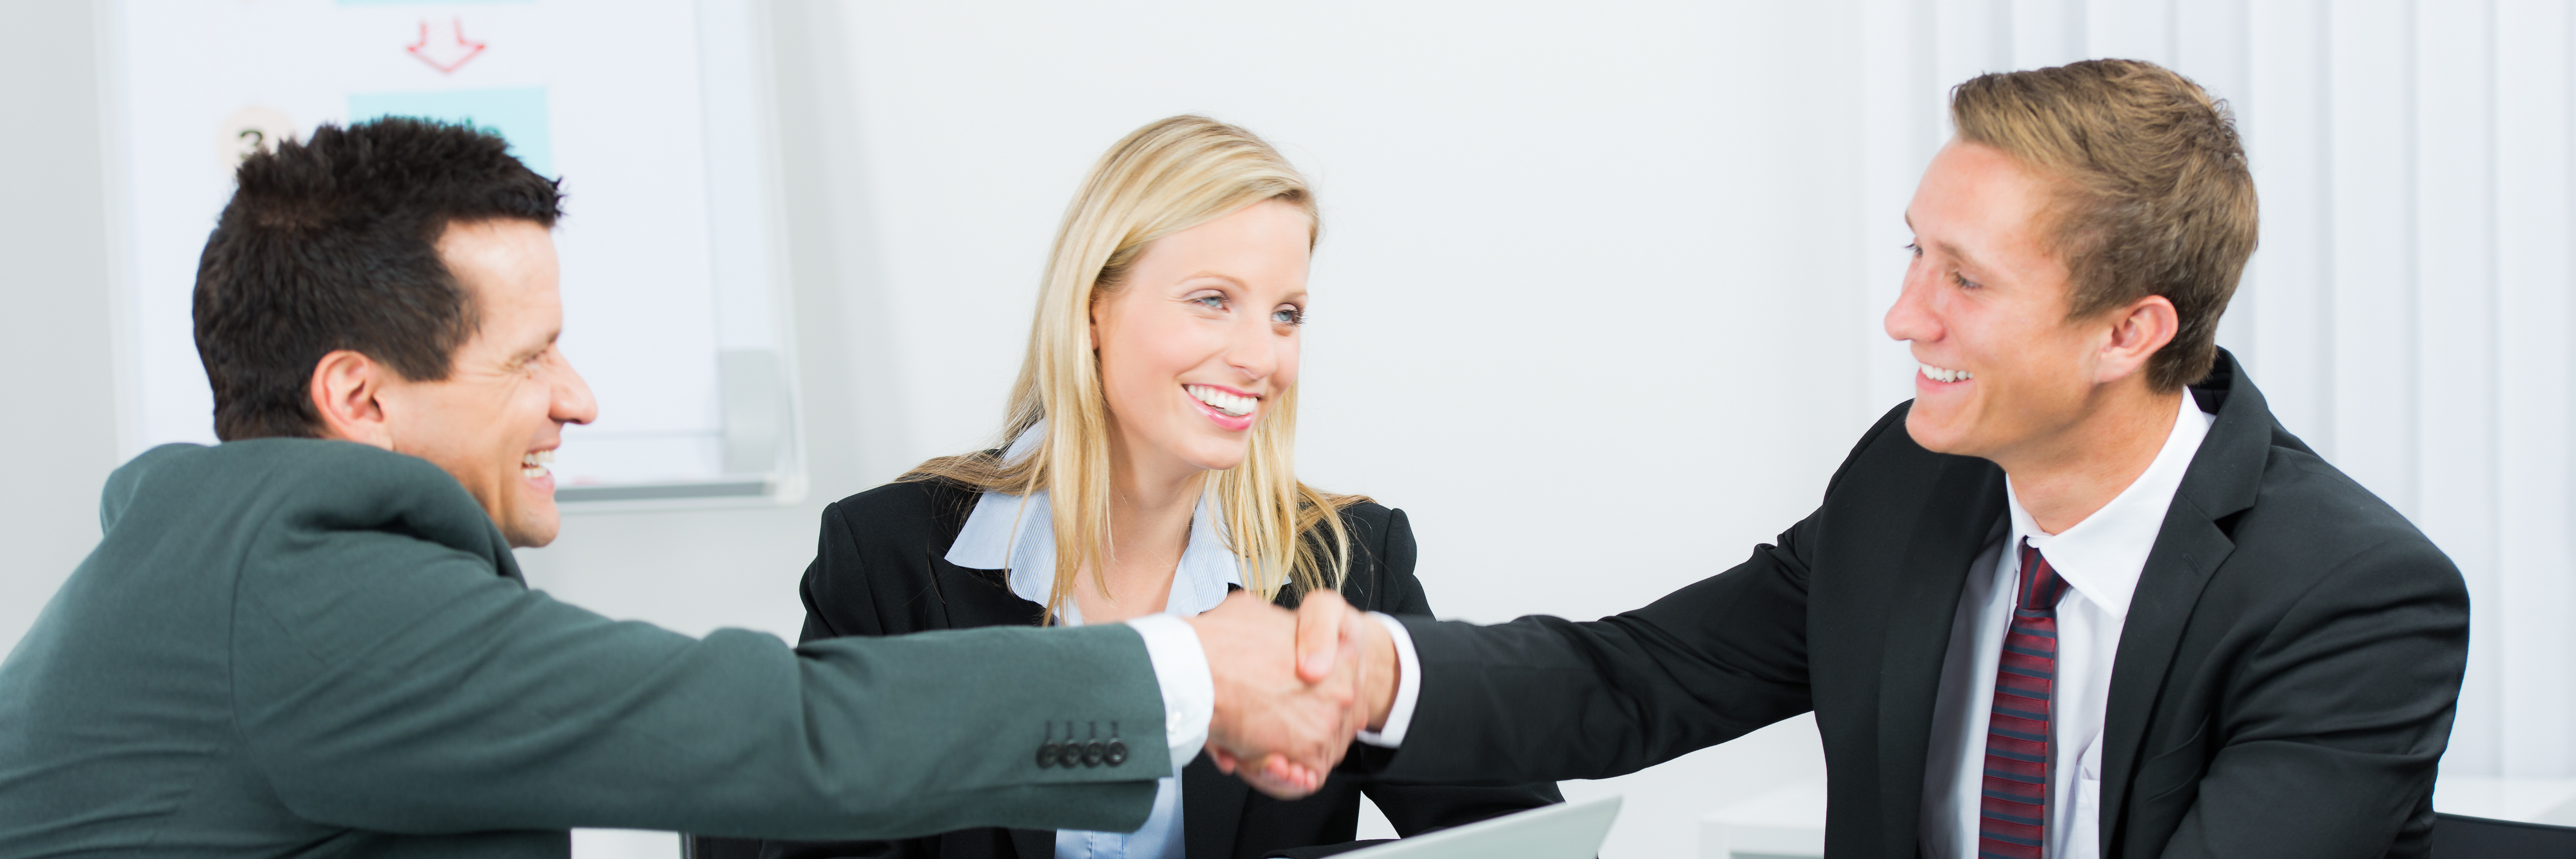 Kommunikativ beeinflussen und lenken -Beeinflussungs- und Lenkungstechniken: Einstellungen ändern,  Menschen überzeugen und für bestimmte Ziele gewinnen,  Gespräche in die gewünschte Richtung lenken und dem Erfolg zuzuführen.